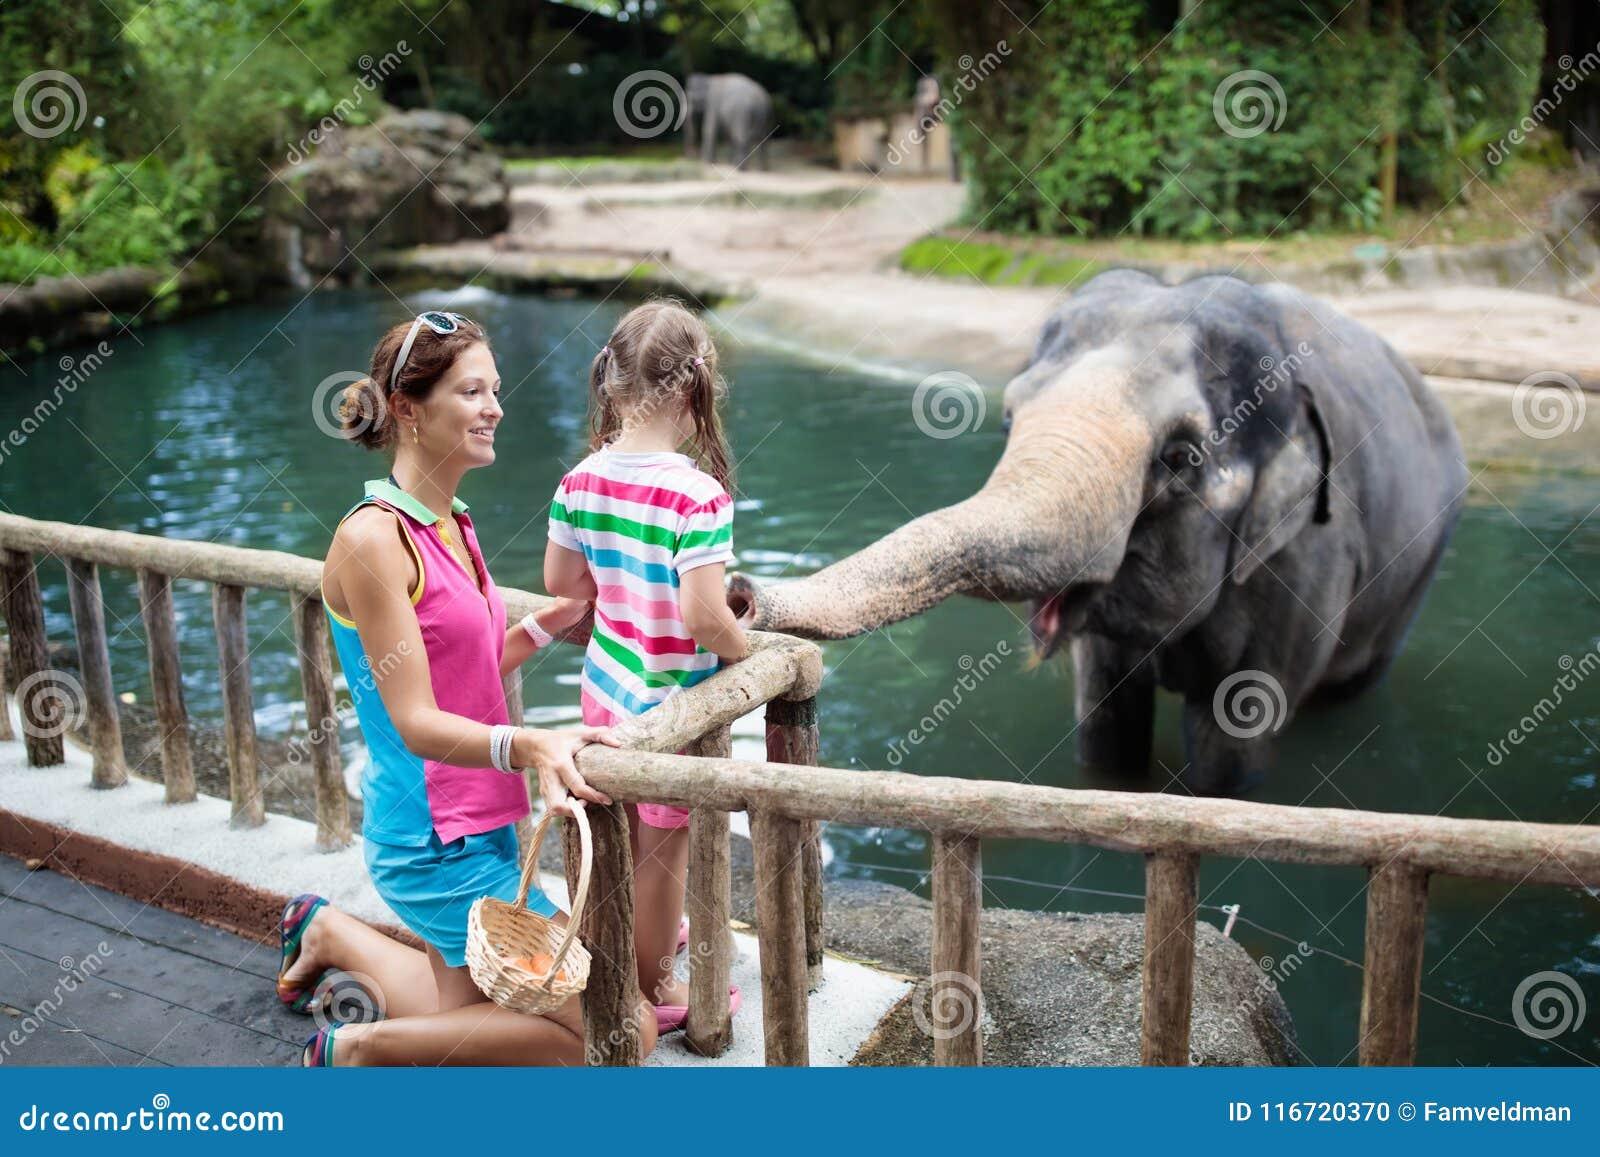 孩子饲料大象在动物园里 在野生动物园的家庭